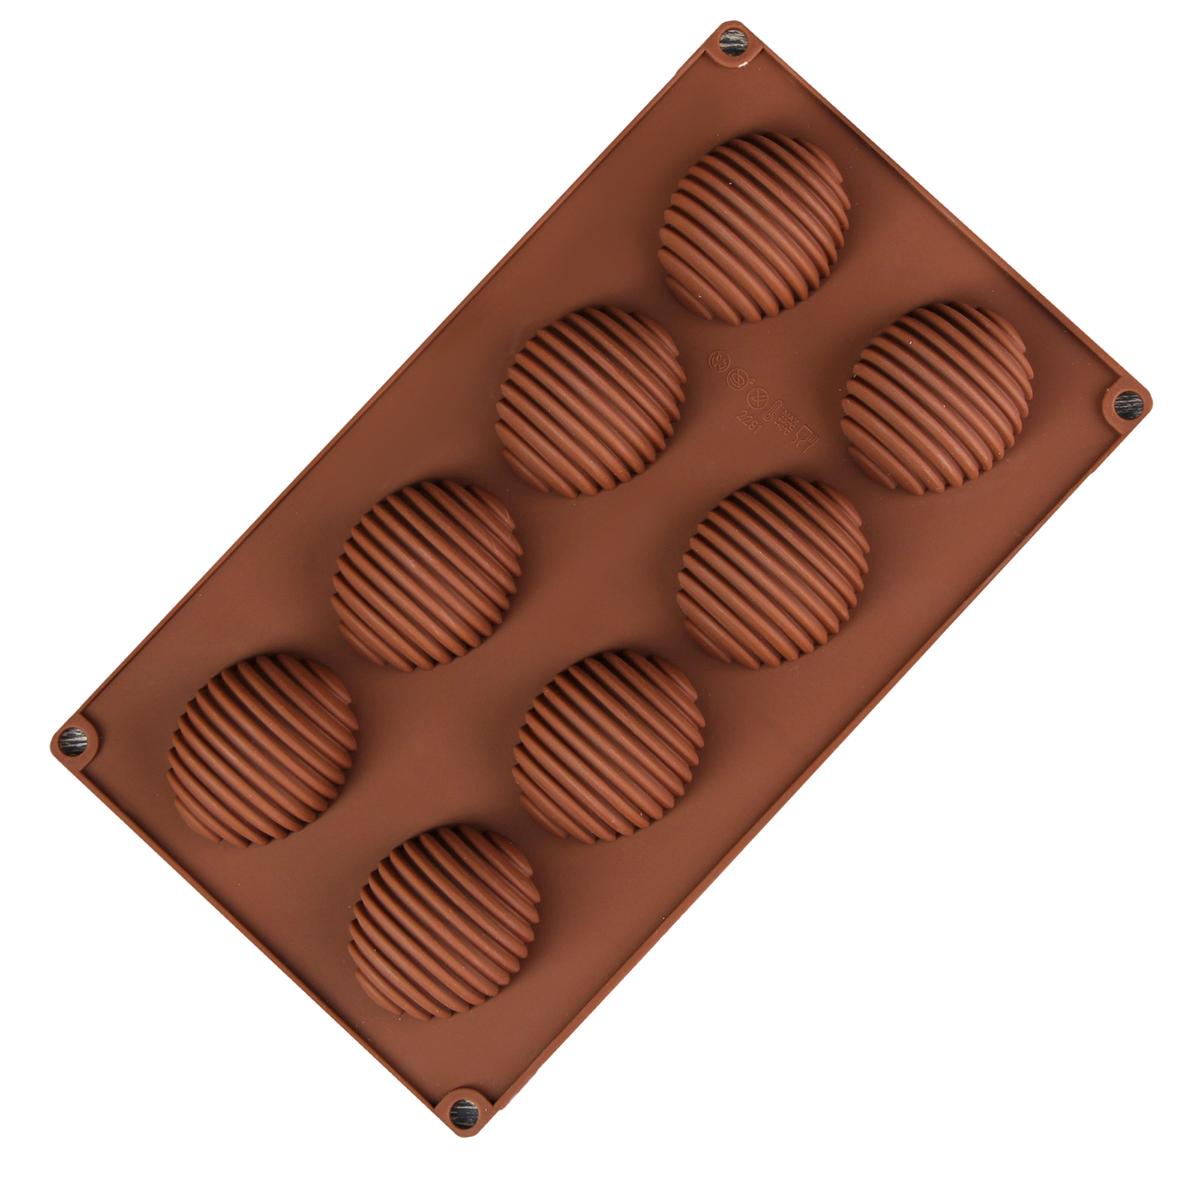 Форма для выпечки Доляна Улей, силиконовая, цвет: коричневый, 28 х 17 х 1,5 см, 8 ячеек форма для выпечки nadoba mila силиконовая 6 ячеек 29 х 17 х 3 7 см 762017